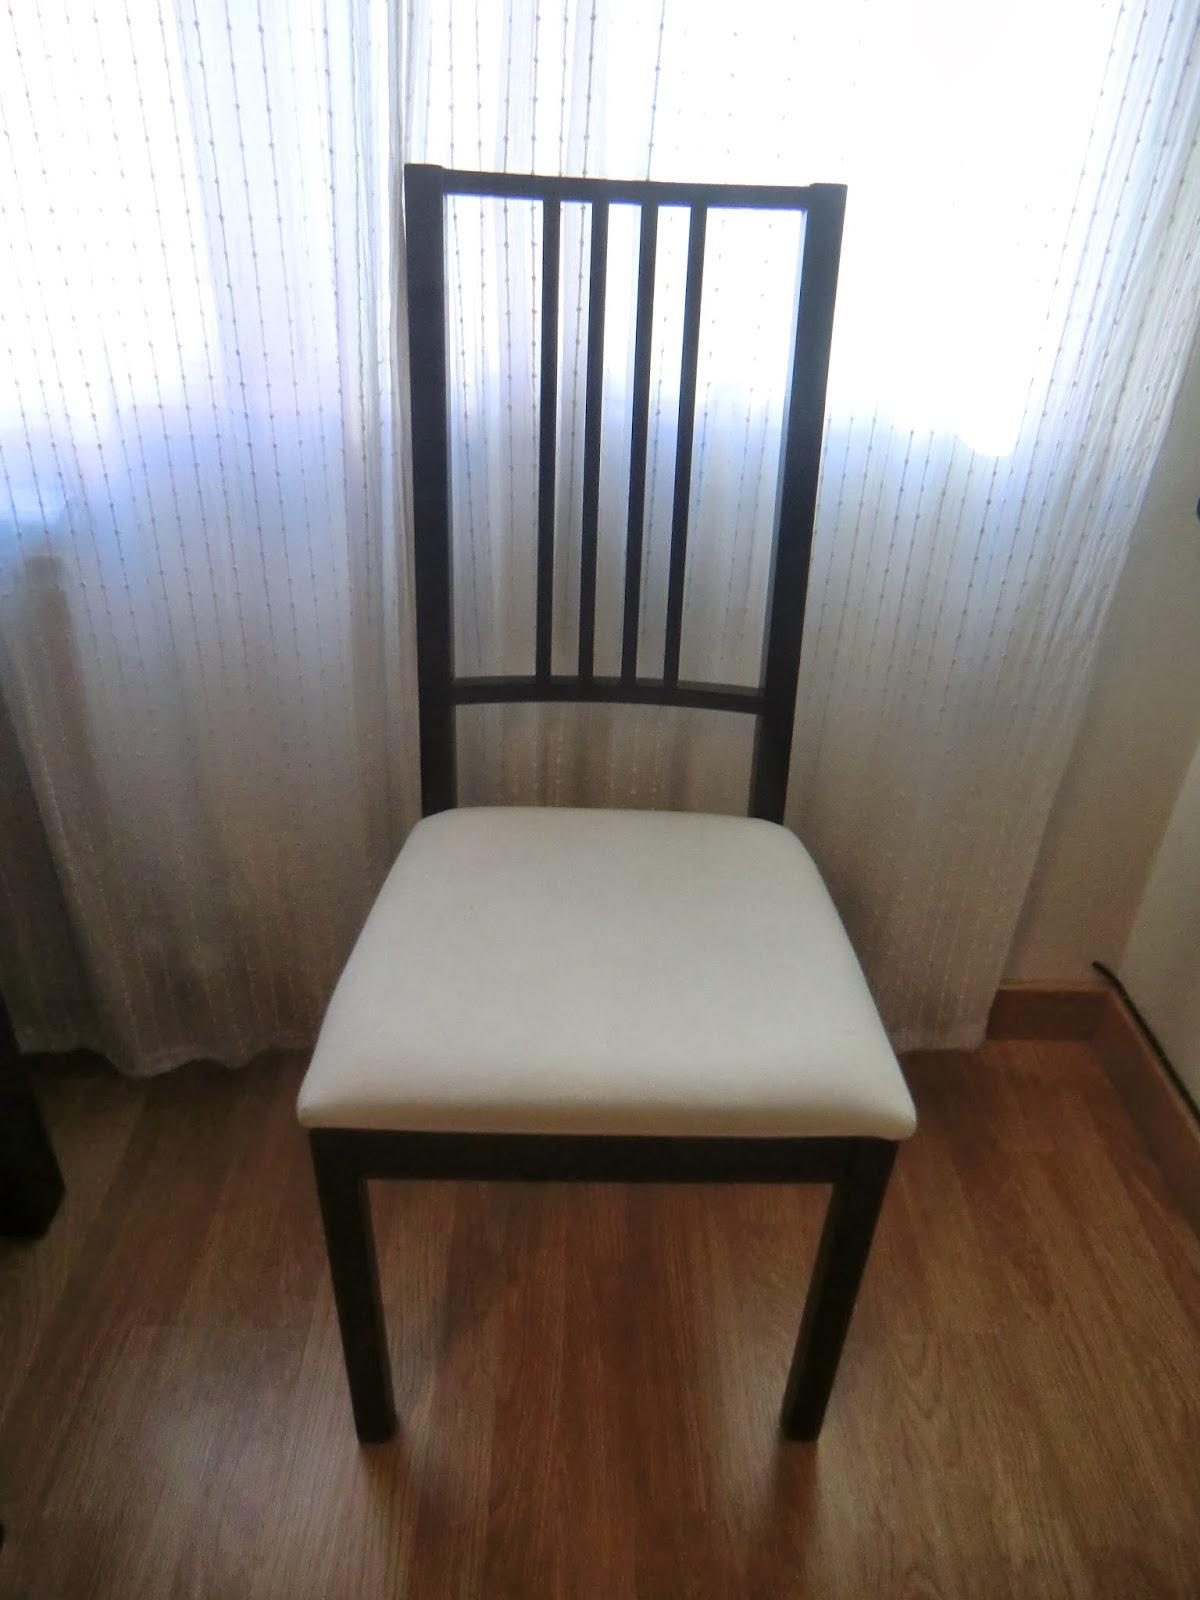 Esmilaweb como tapizar unas sillas de comedor - Tapizar sillas comedor ...